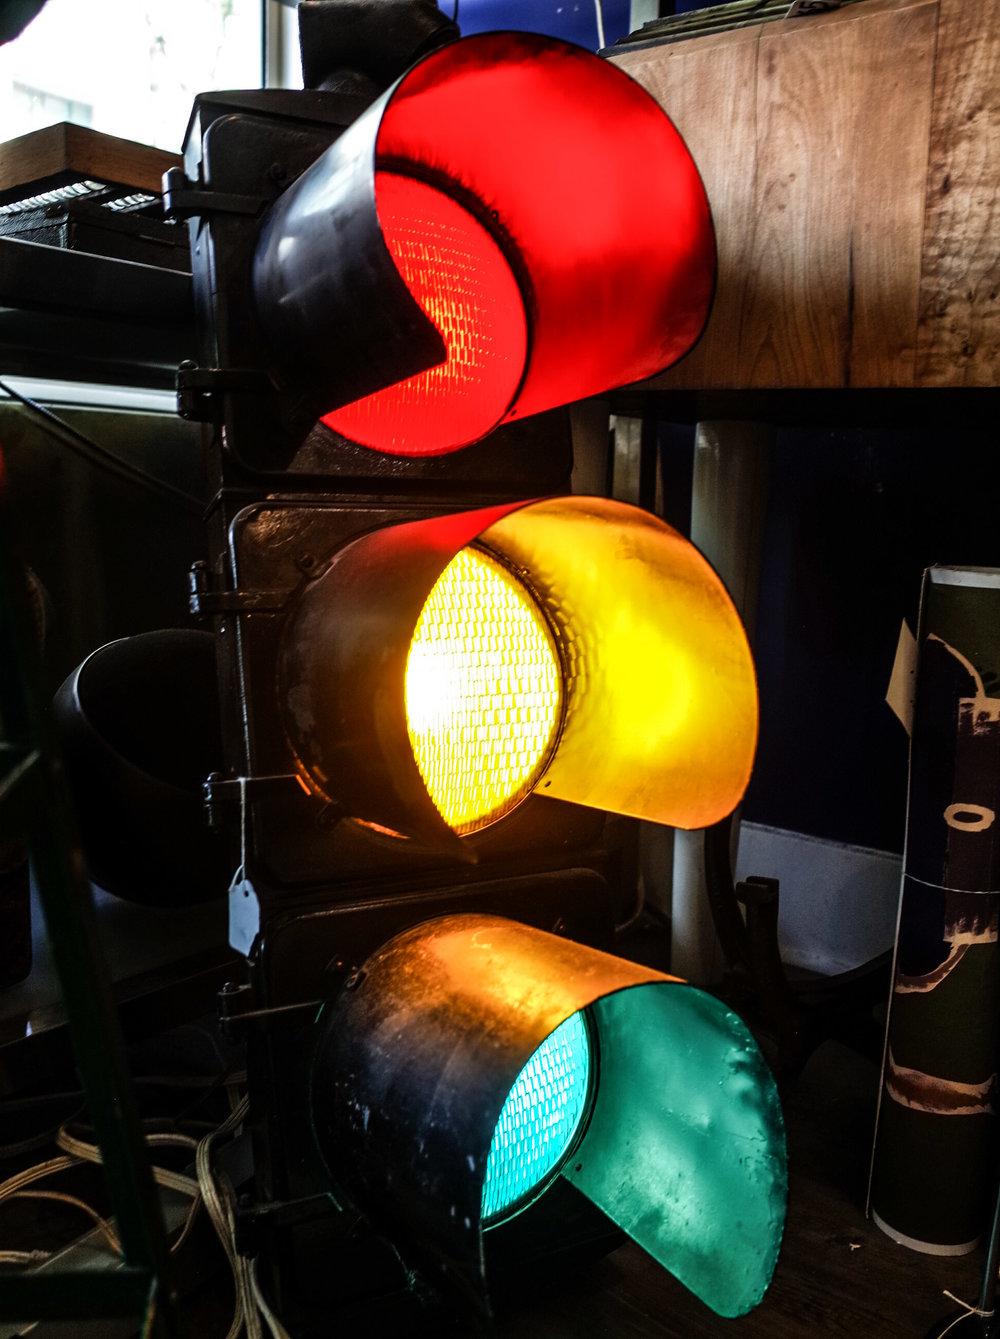 over-sized-traffic-light.jpg